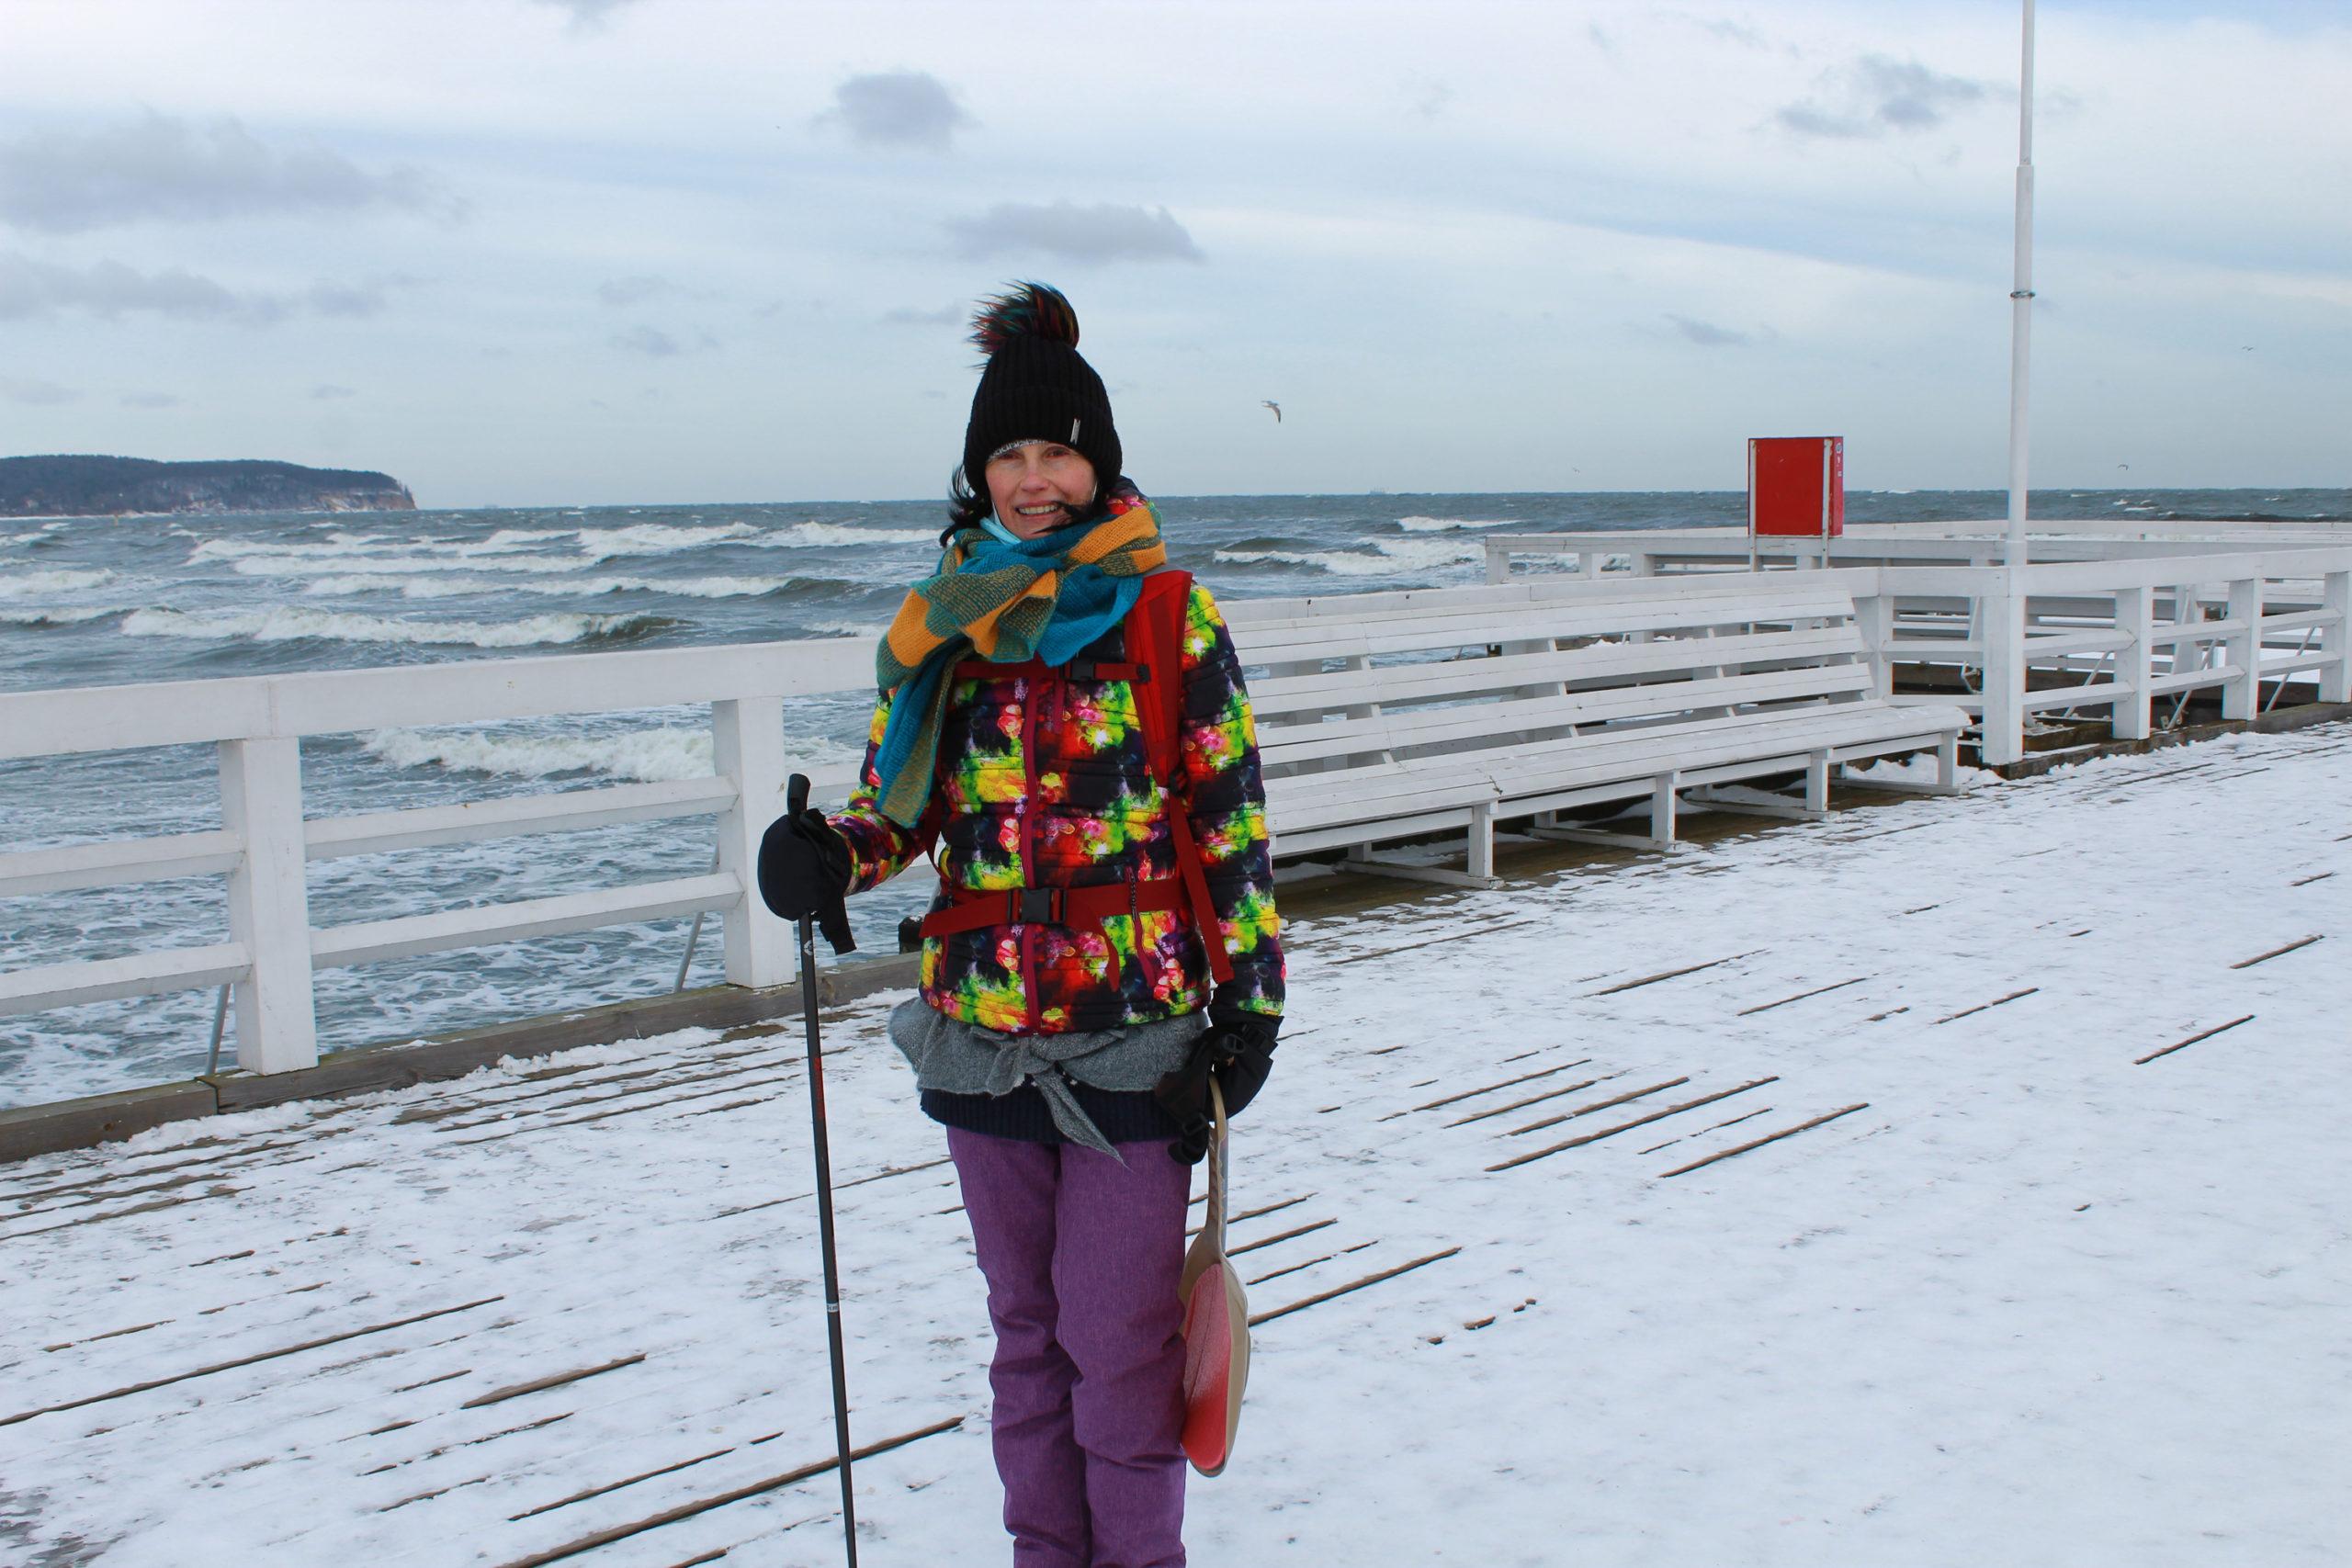 molo w Sopocie pokryte śniegiem, w tle morze